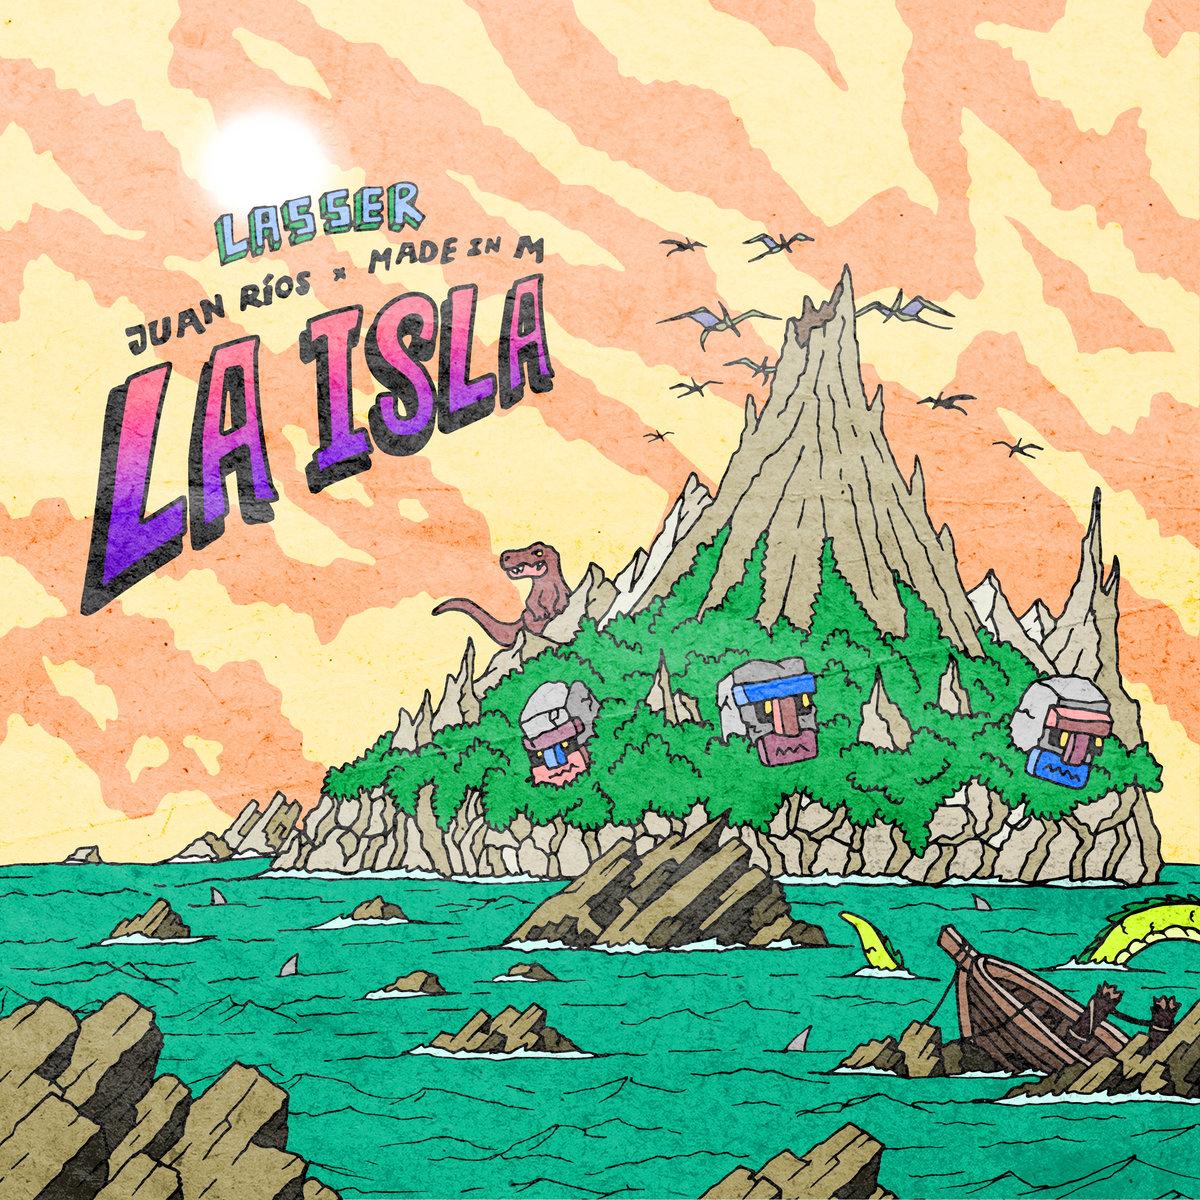 Lasser_laisla